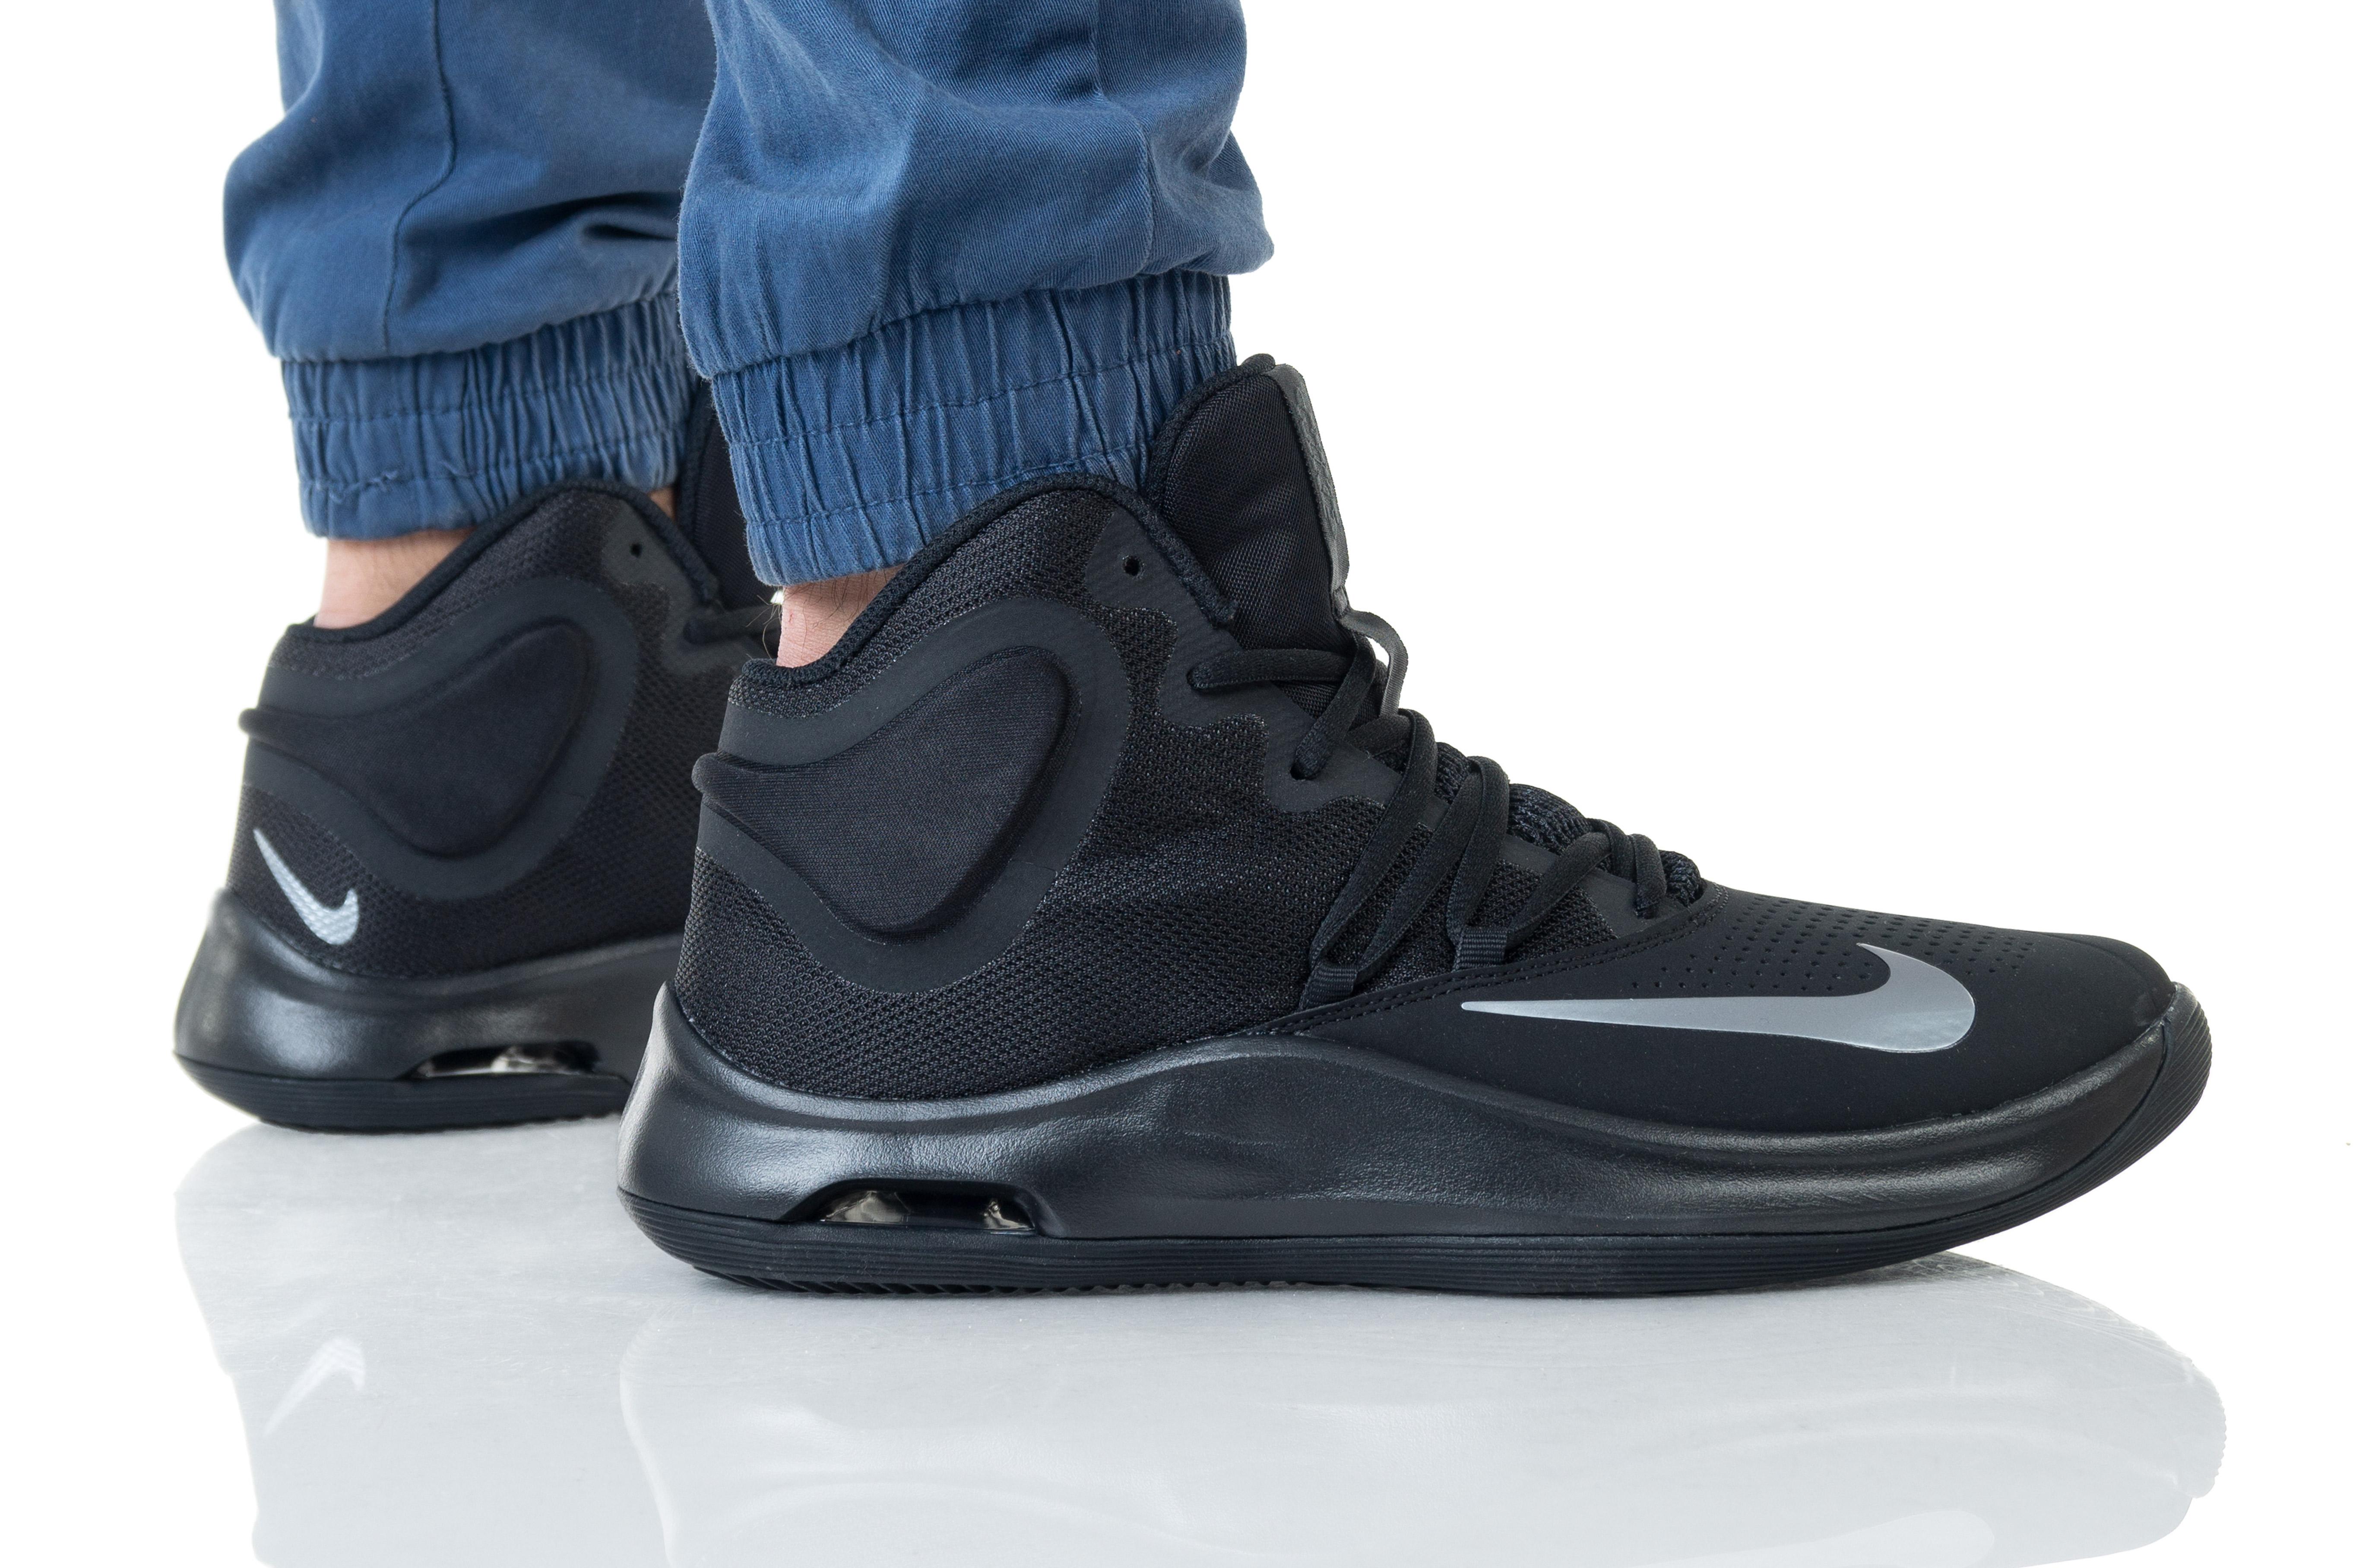 נעליים נייק לגברים Nike AIR VERSITILE IV NBK - שחור